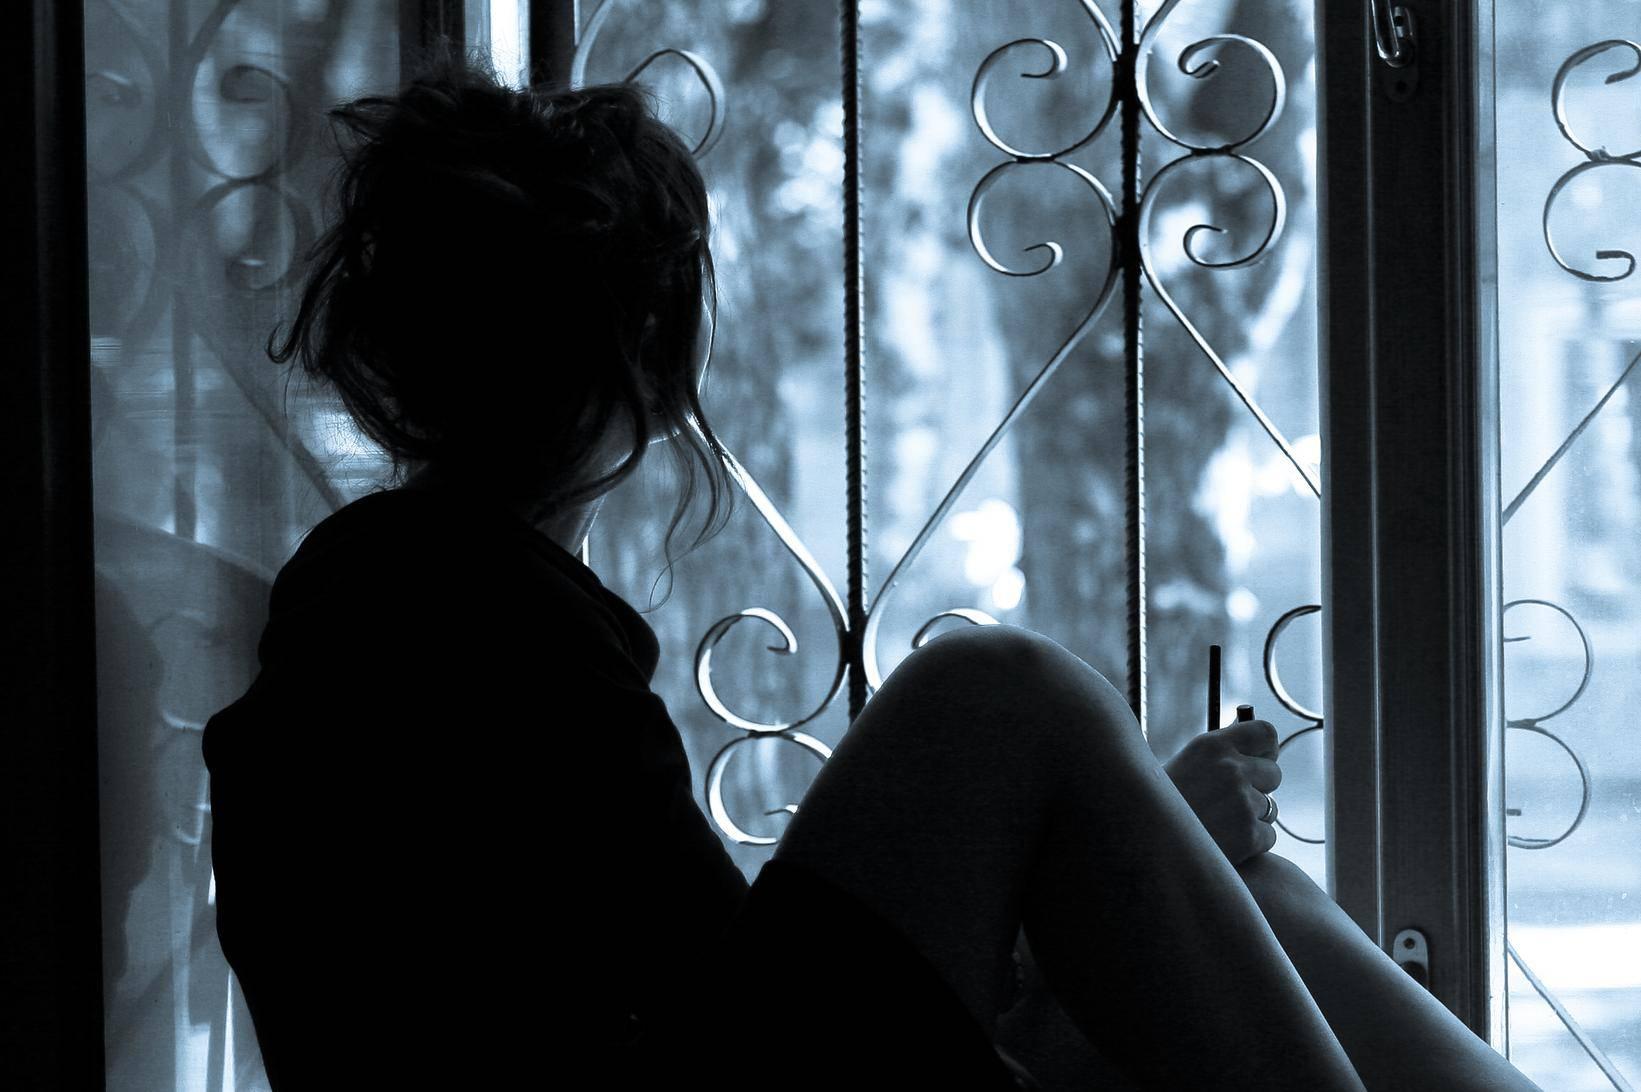 Trudna sa 17 godina, ne zna je li otac njezin dečko ili mamin...